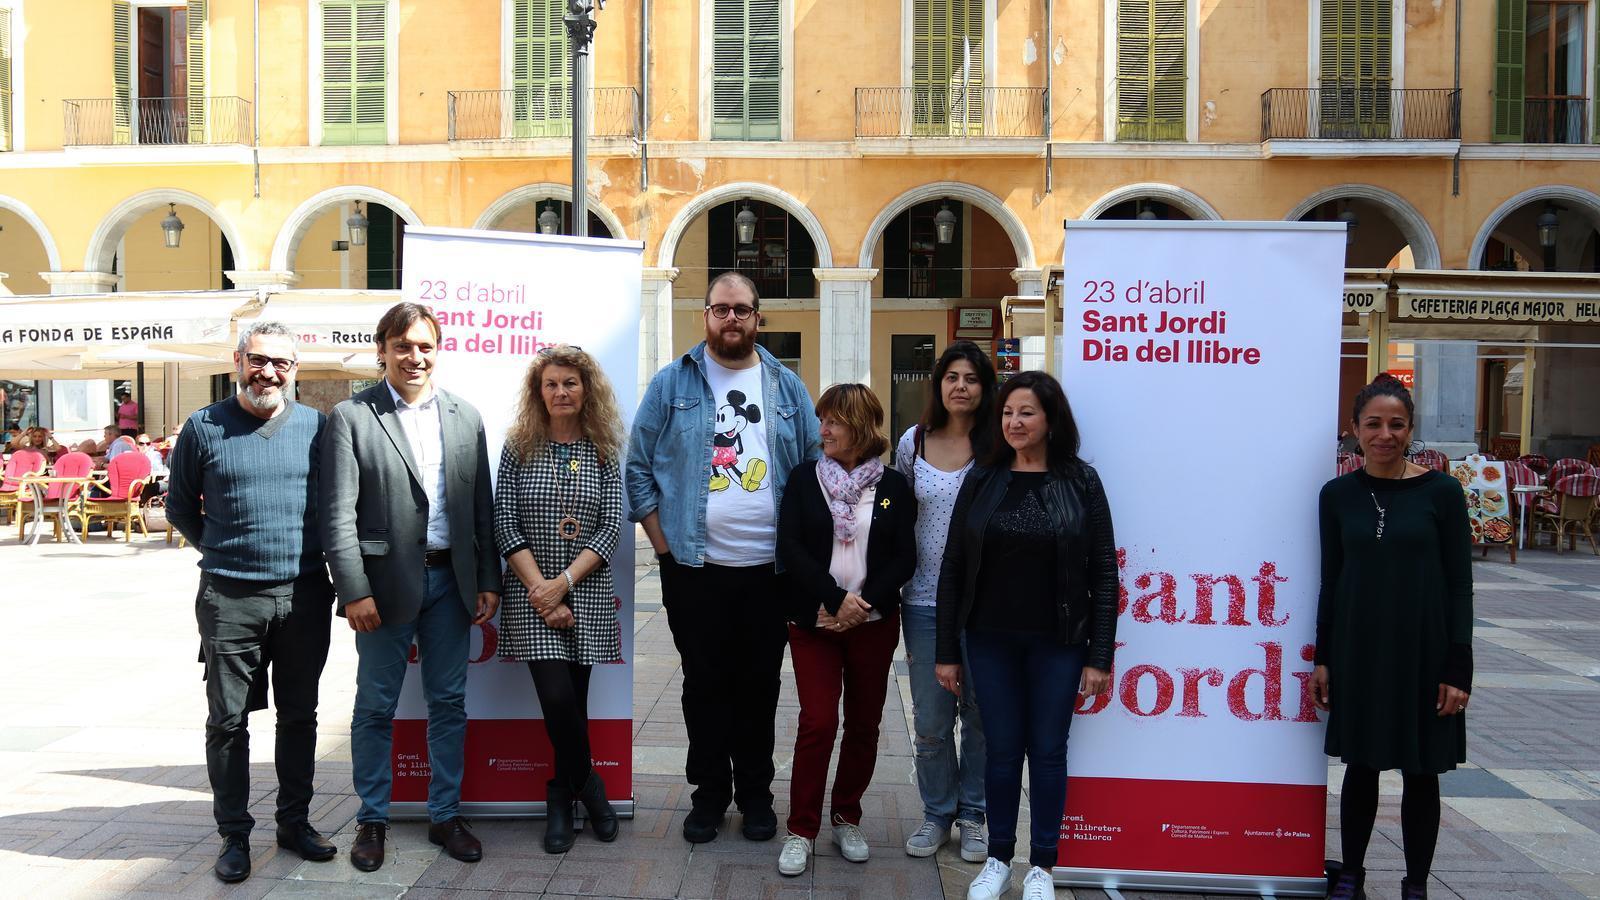 El Gremi de Llibreters de Mallorca ultima els preparatius de Sant Jordi